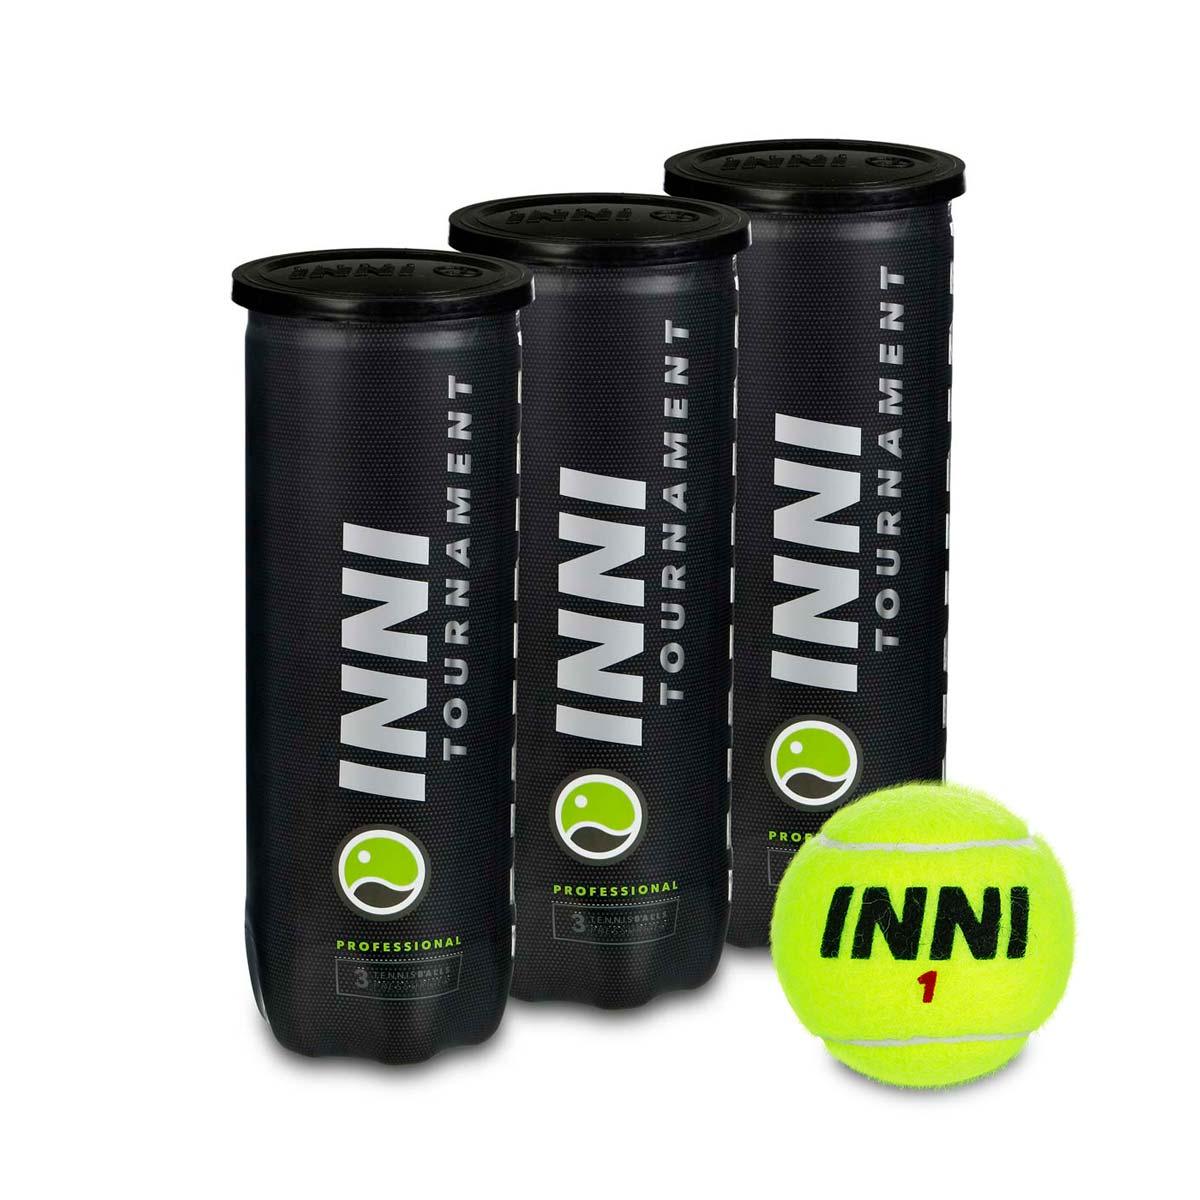 Bola De Tênis Inni Tournament Pack c/ 3 Tubos